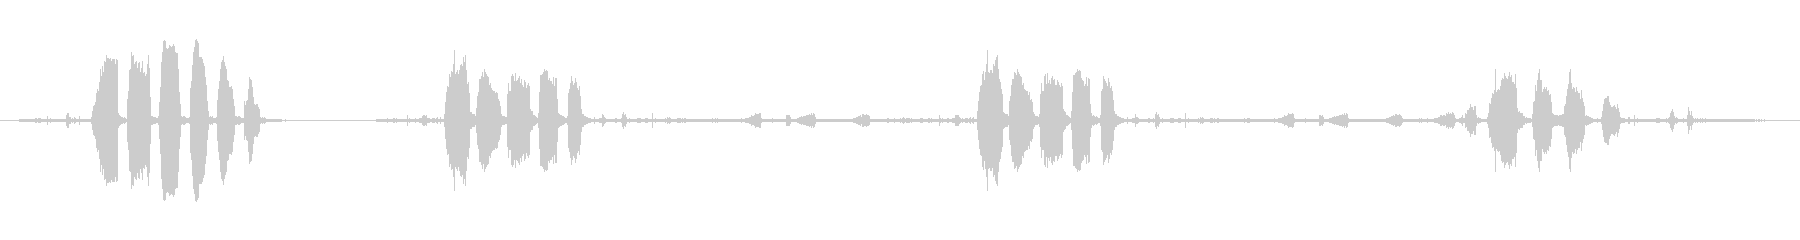 アヒル、コール、クローズ、バード;...の未再生の波形